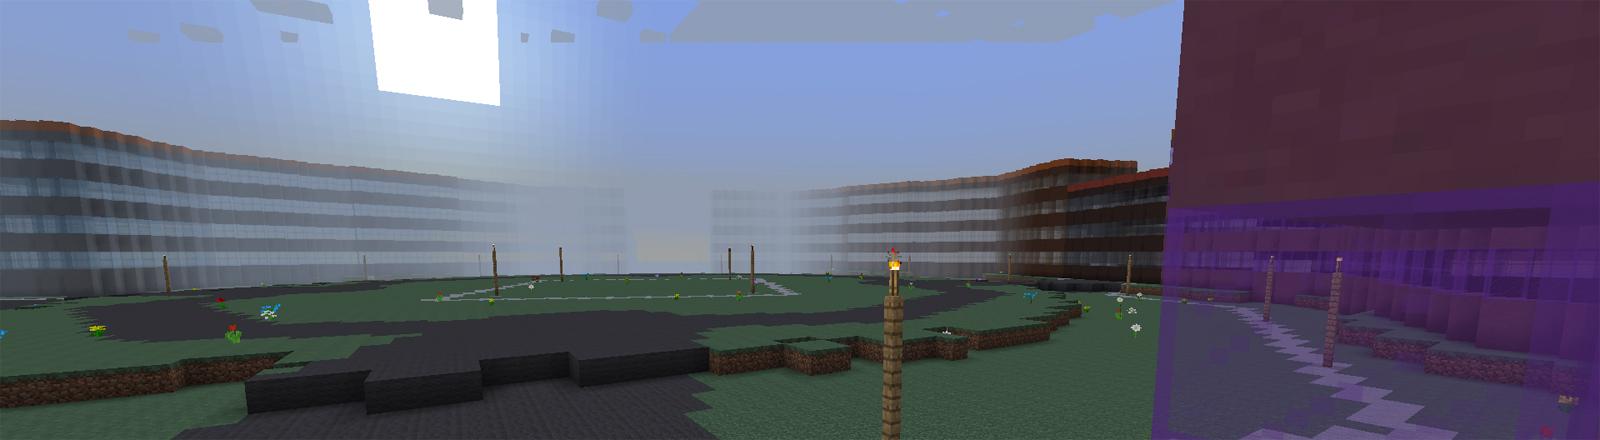 In dem Computerspiel Minecraft hat ein dänisches Institut das komplette Land Dänemark nachgebaut. Hier ein Blick auf die Amalienburg in Kopenhagen.